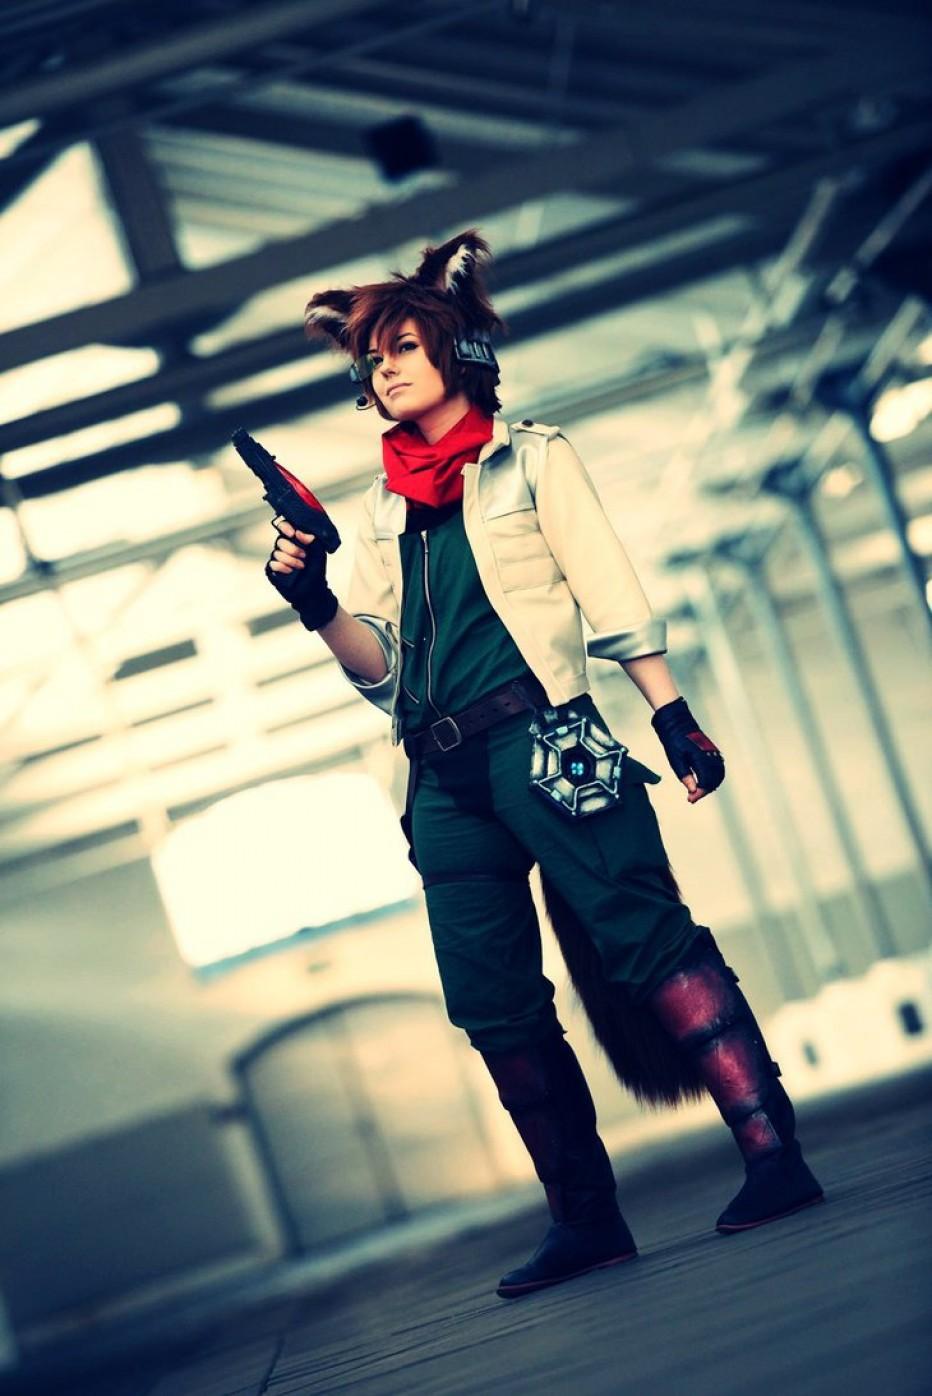 fox_mccloud_by_geleebelly-d7gljep.jpg